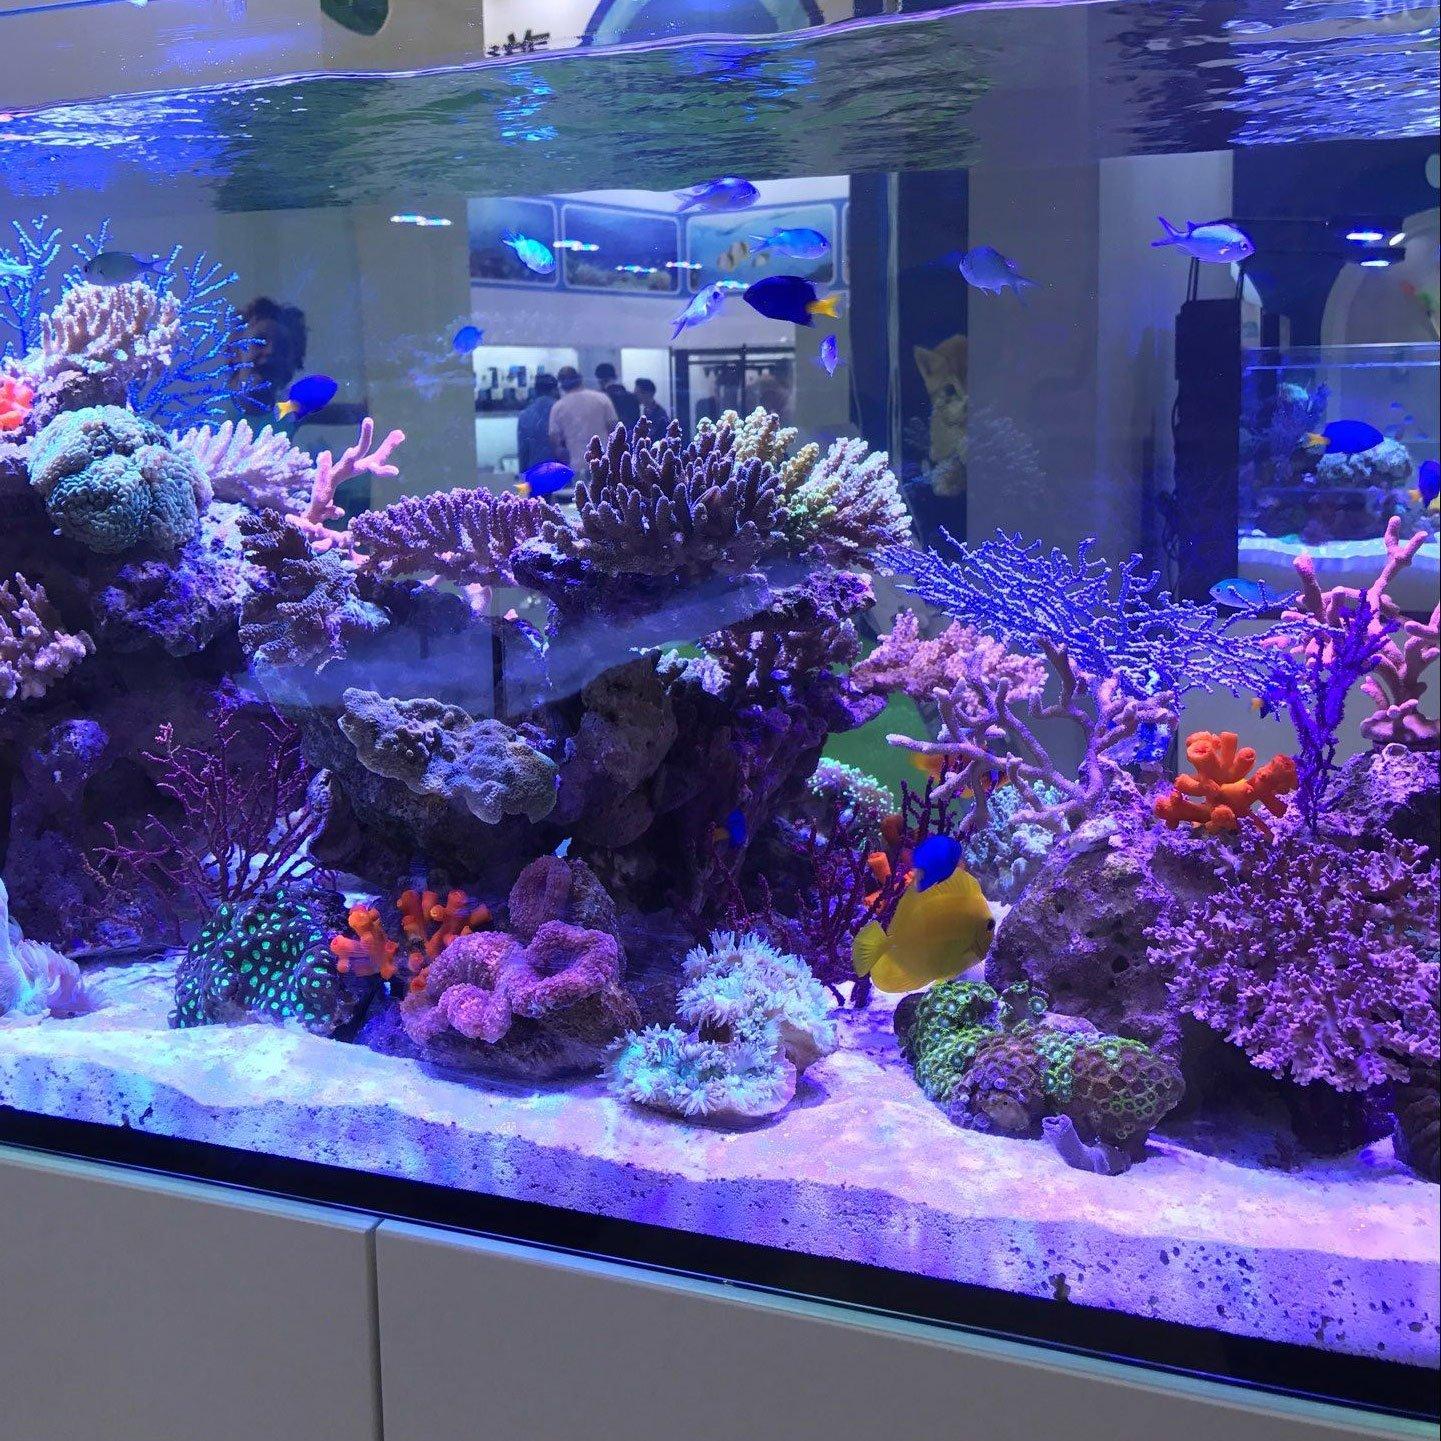 Acuarios Eco Luz de día Simulación iluminación LED Acuario Azul Blanco Rojo Completo Spectrum LED Reef Coral Fish Aquarium Luz Agua Plantas ...